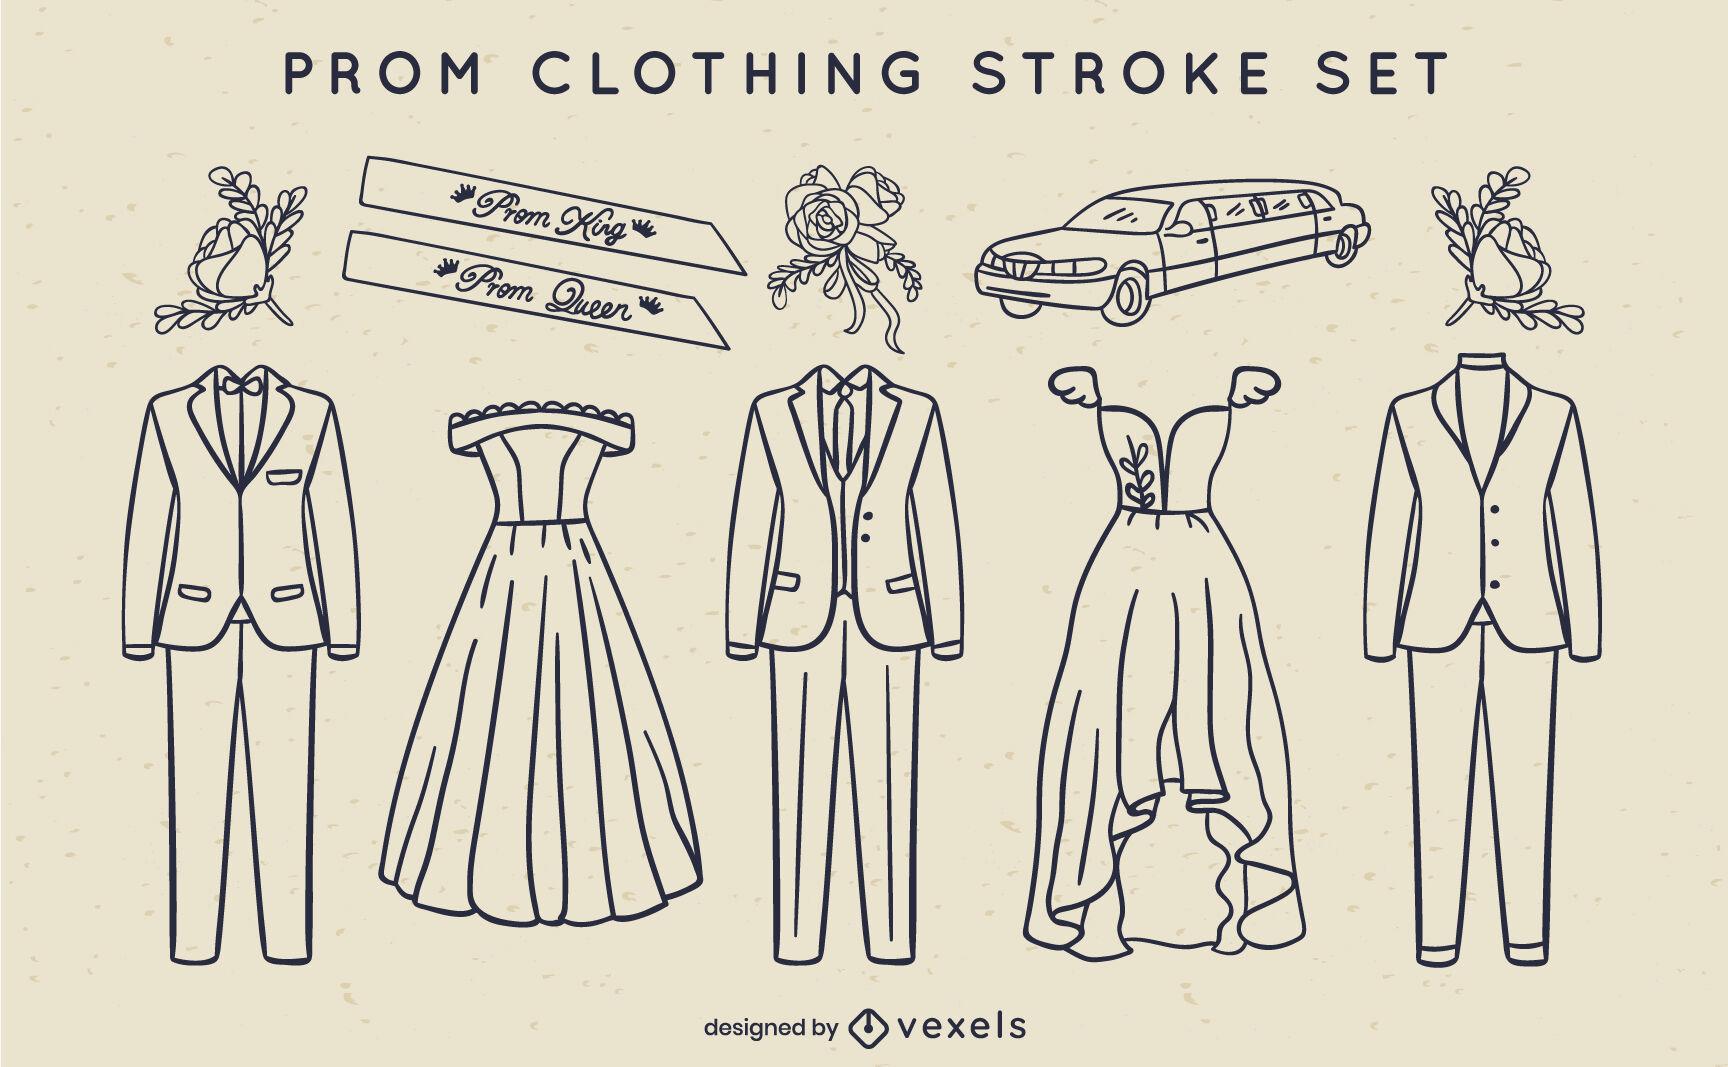 Formal attire prom party celebration stroke set